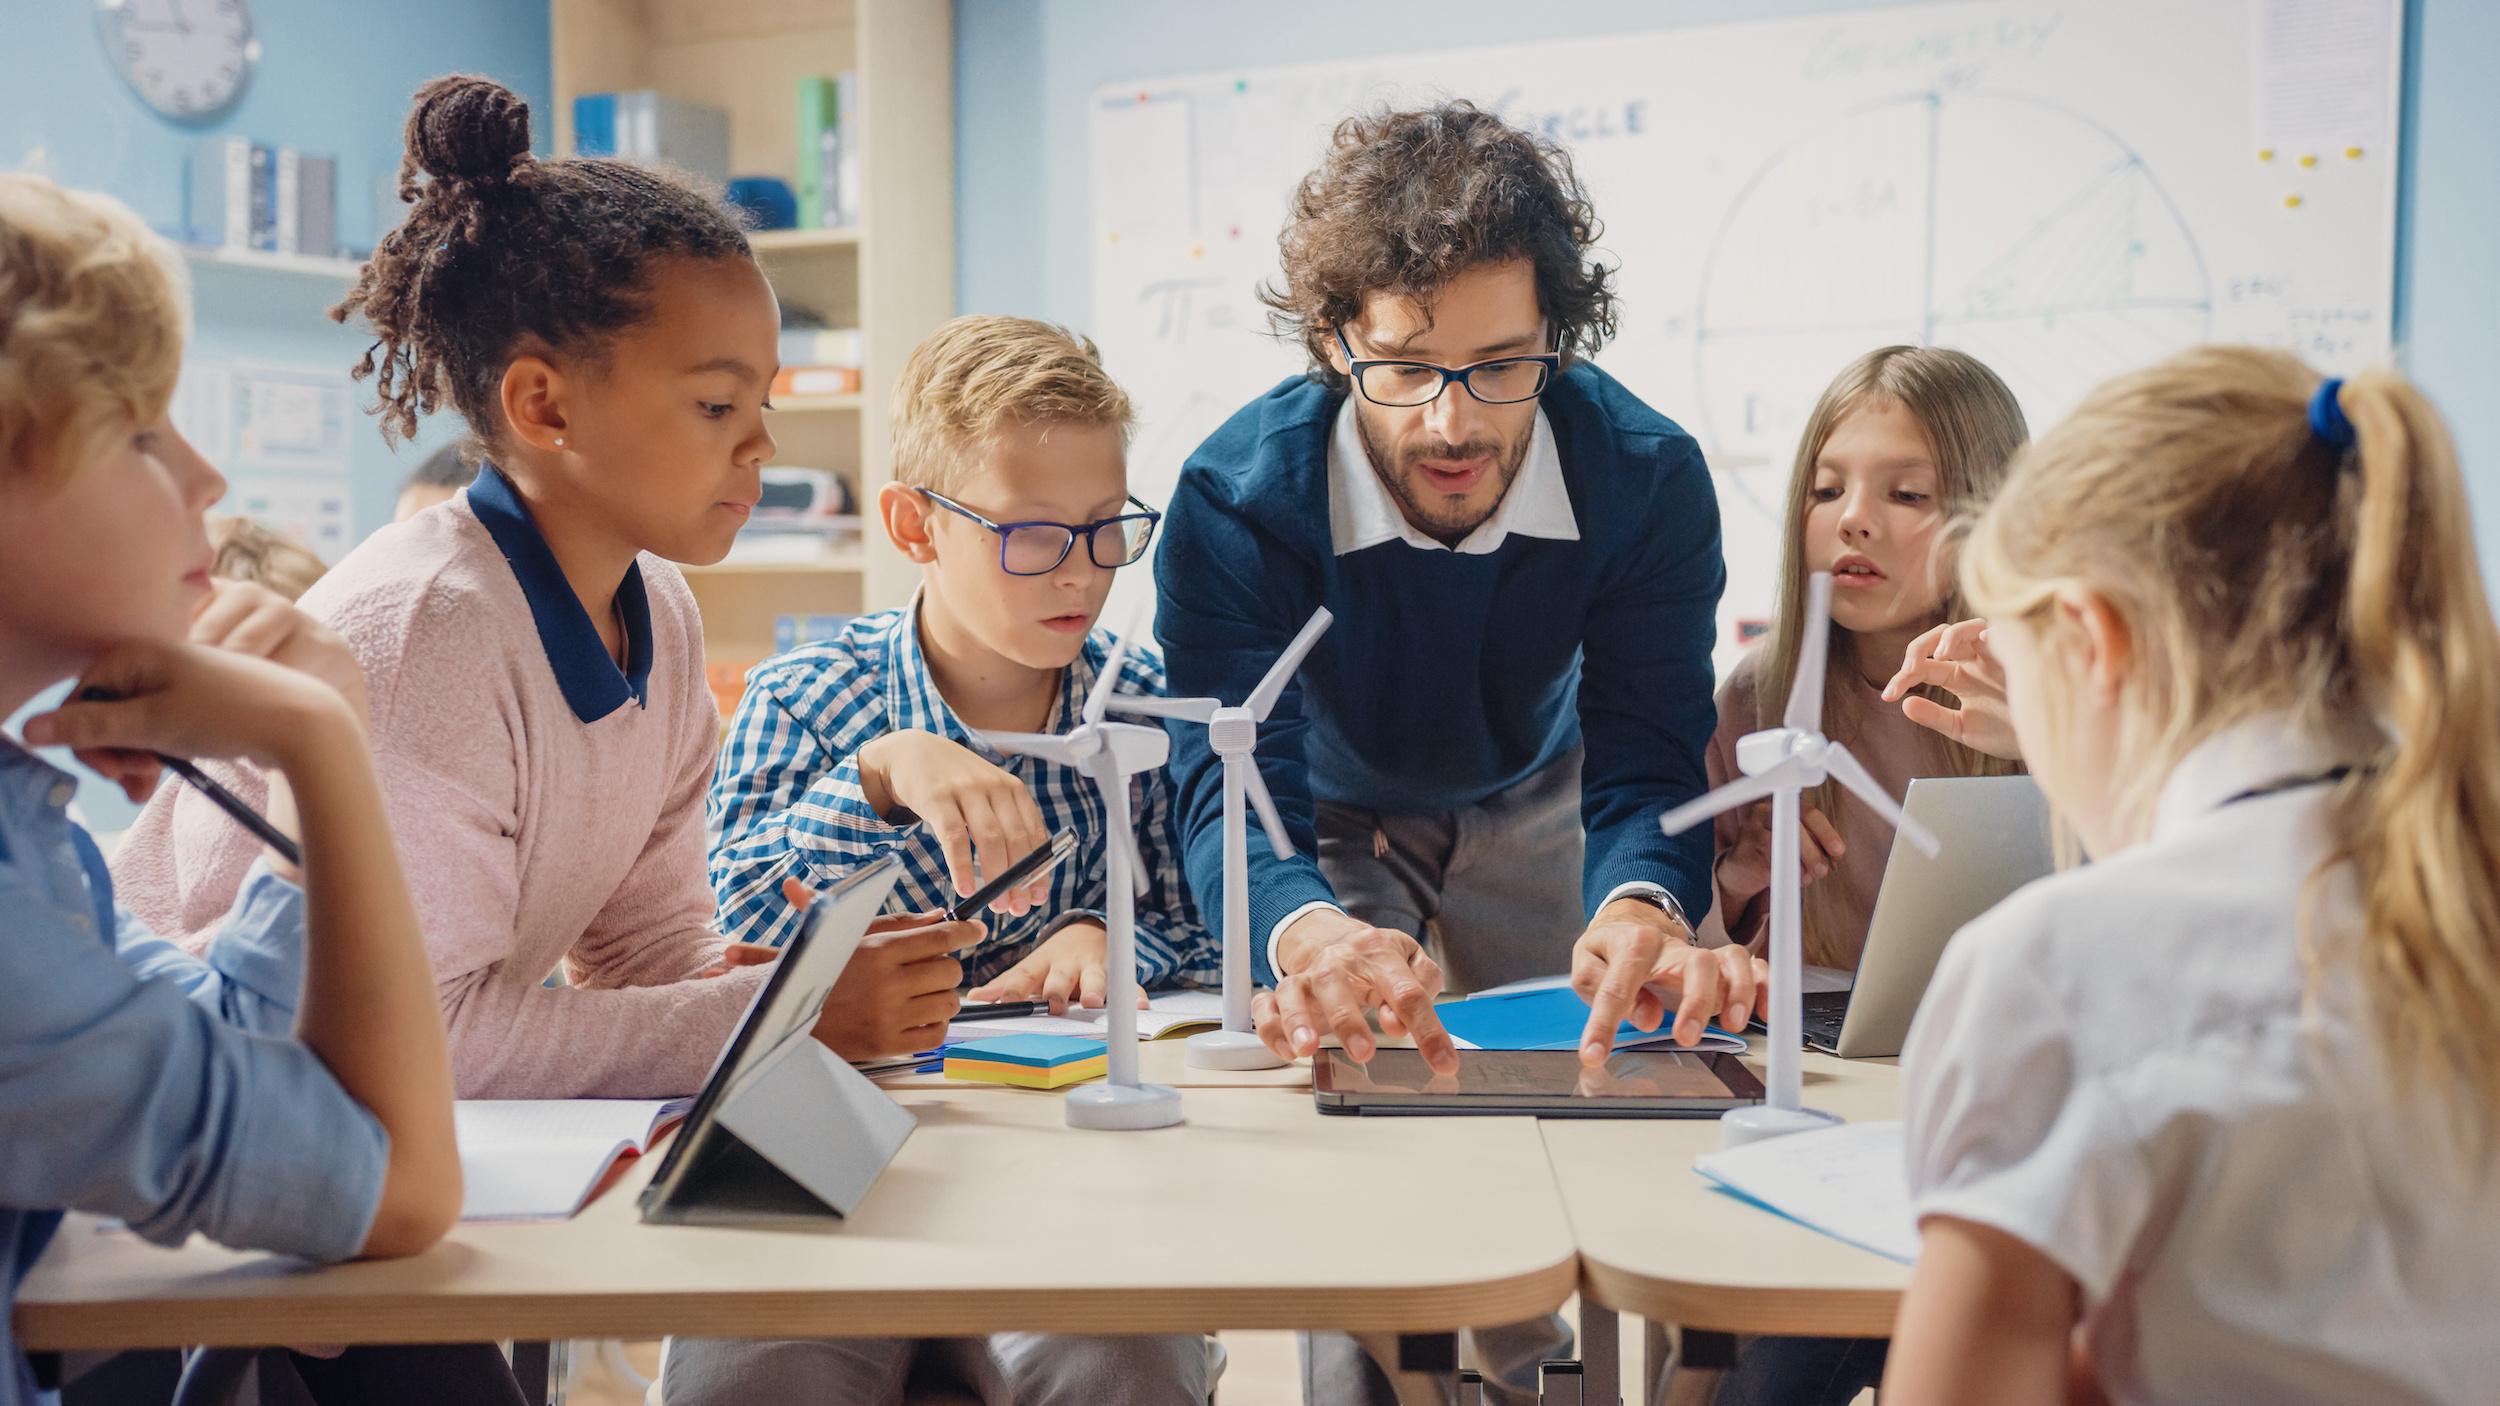 Varje rektor eller huvudman kan sätta igång förbättringsarbetet redan idag. Bild Stock Adobe.